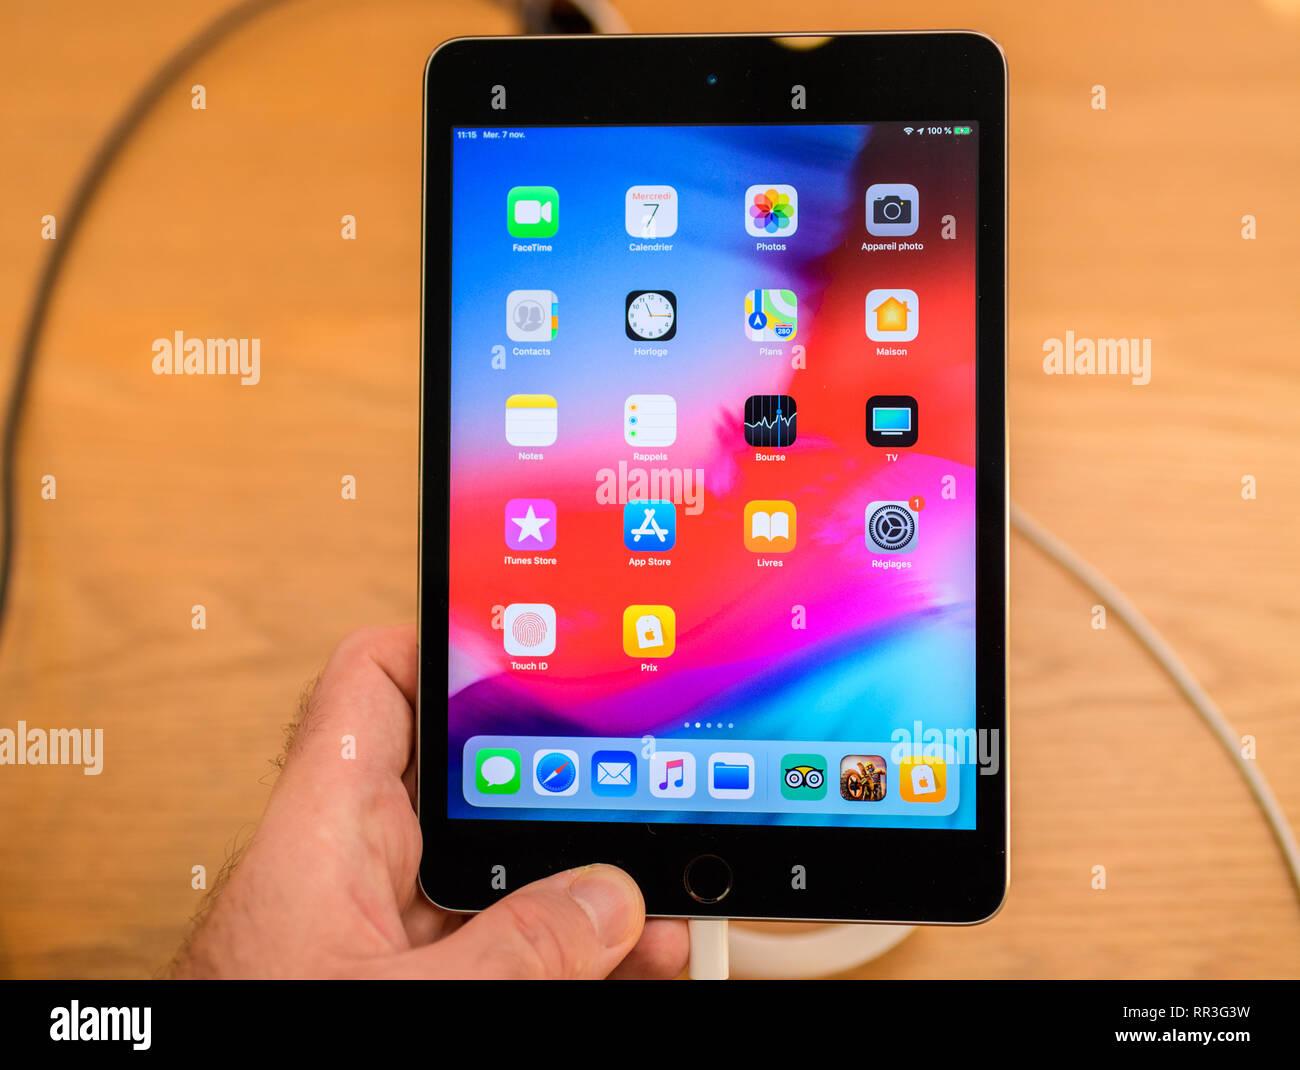 París, Francia - Nov 7, 2018: el cliente POV perspectiva personal experimentando iPad mini tablet Imagen De Stock